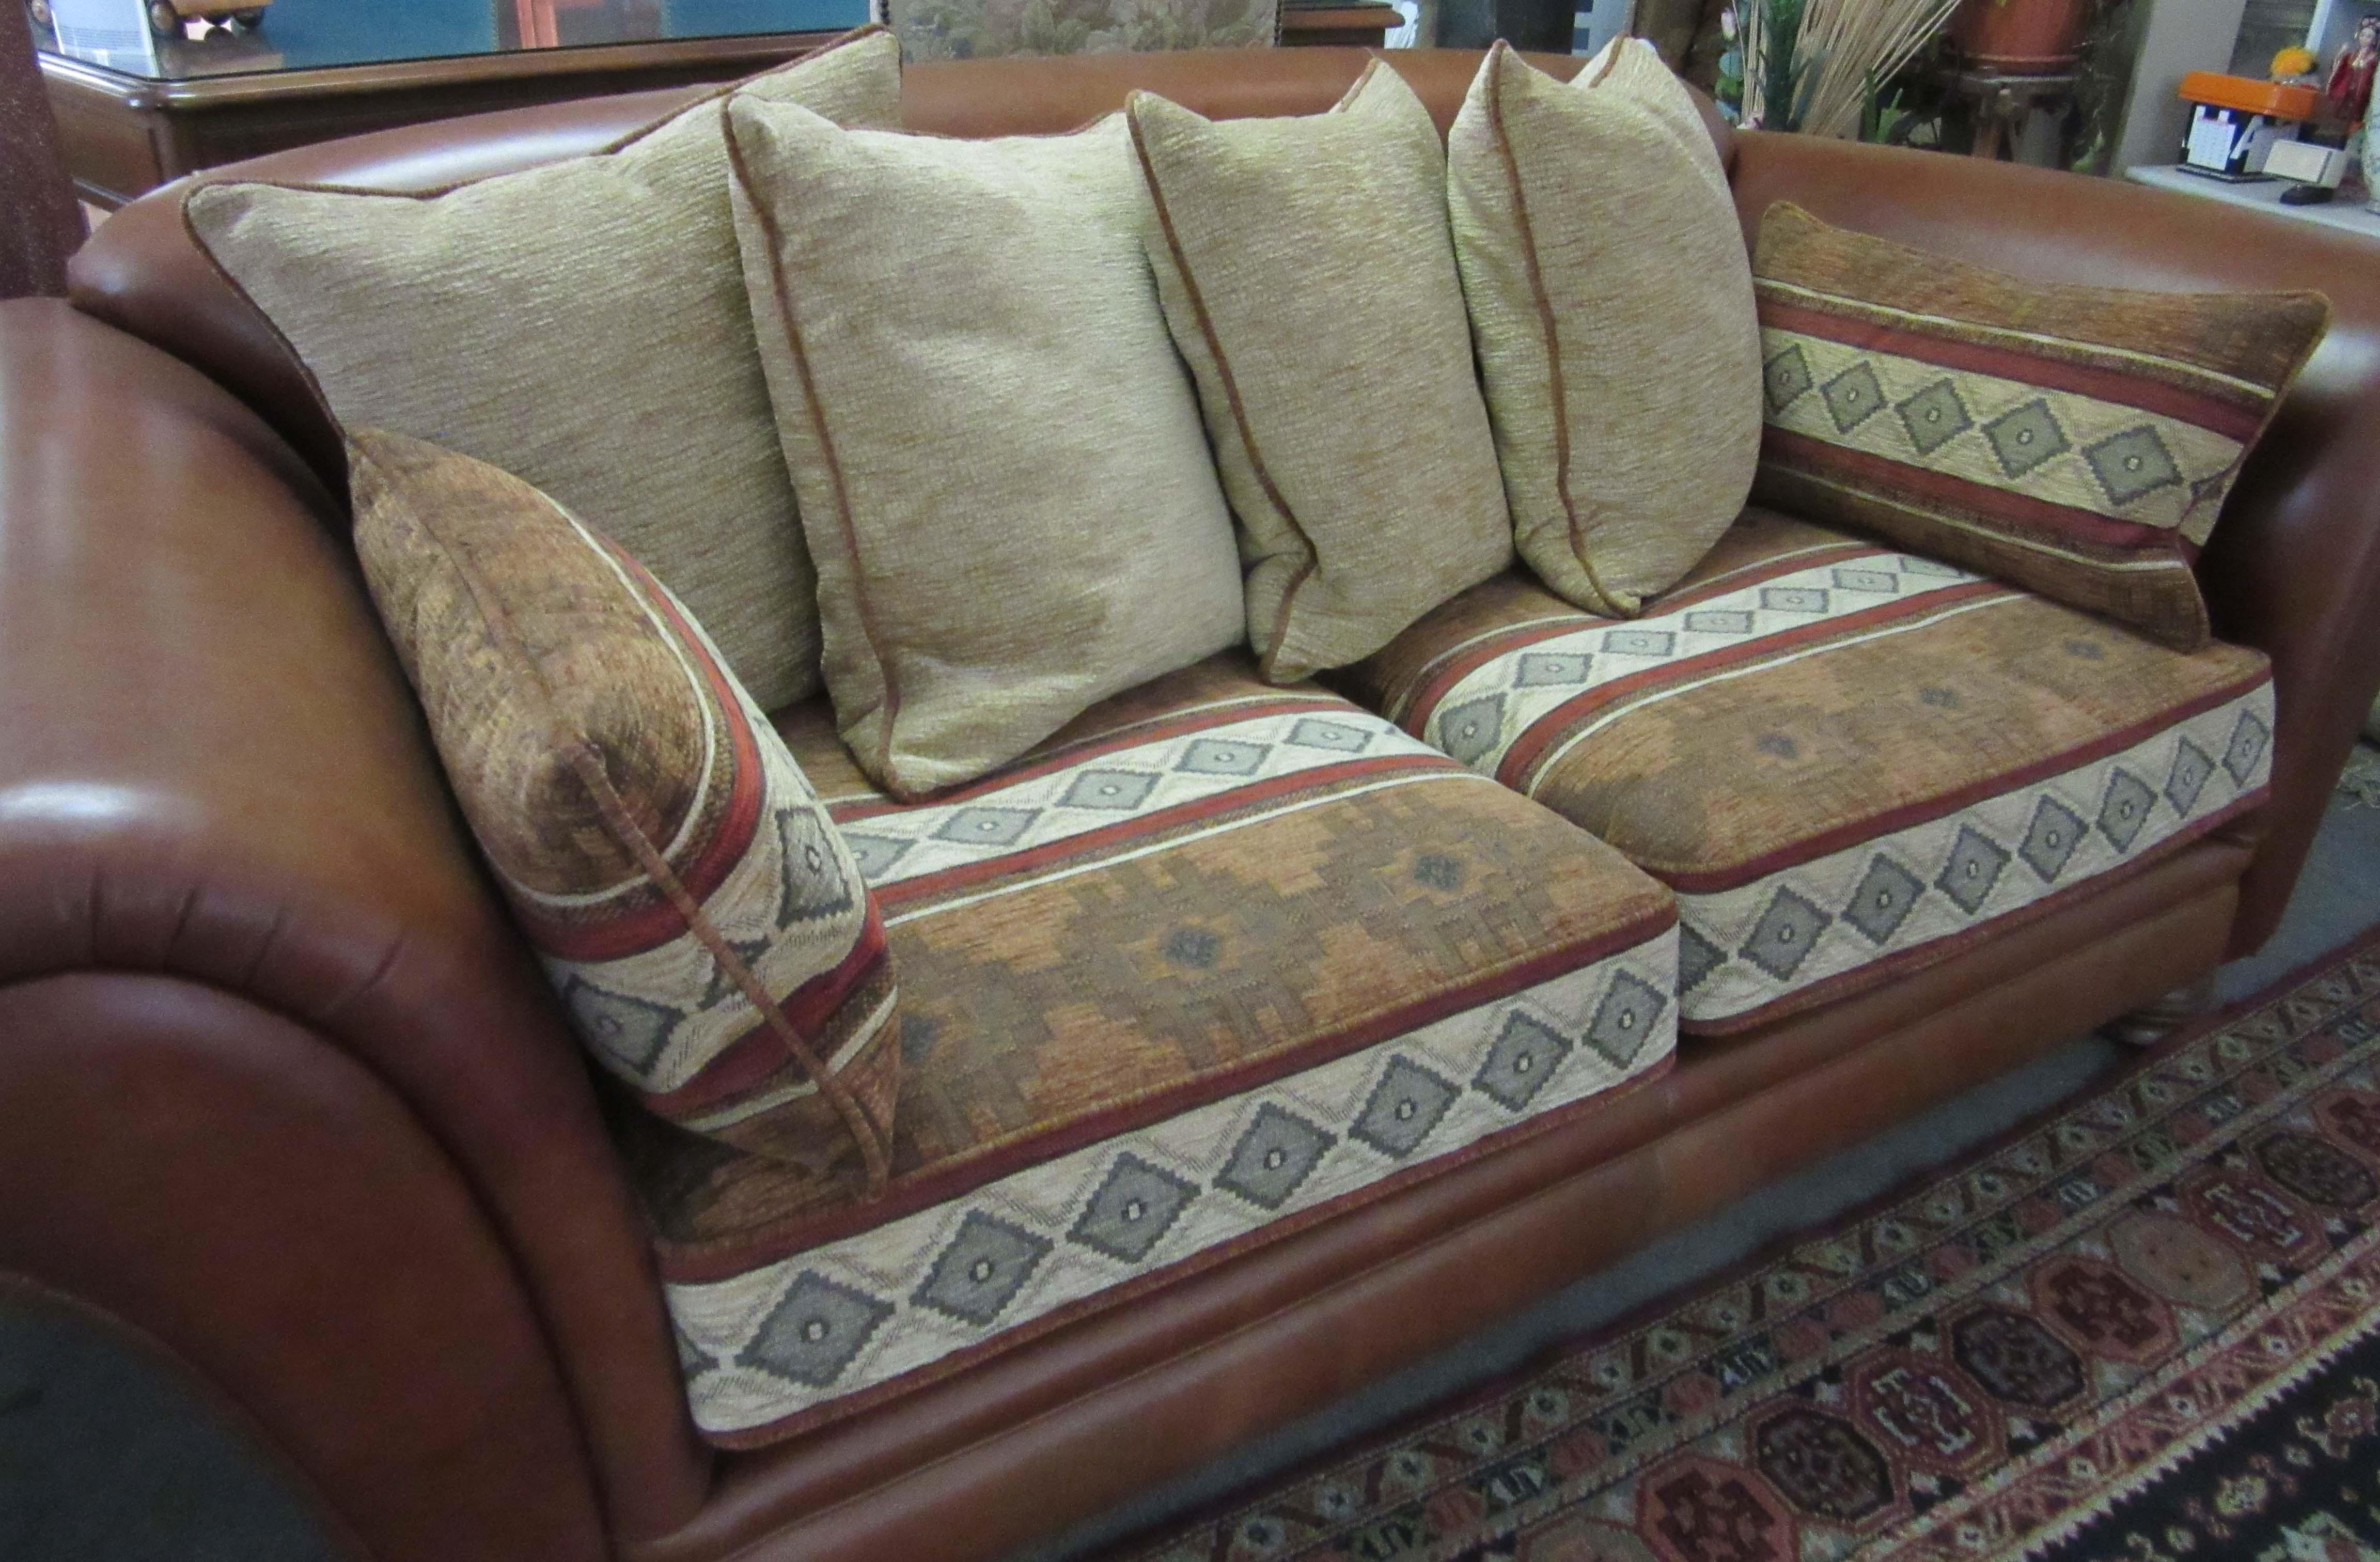 Divano cava colorado divani lineari pelle divano 3 posti for Divano pelle 3 posti